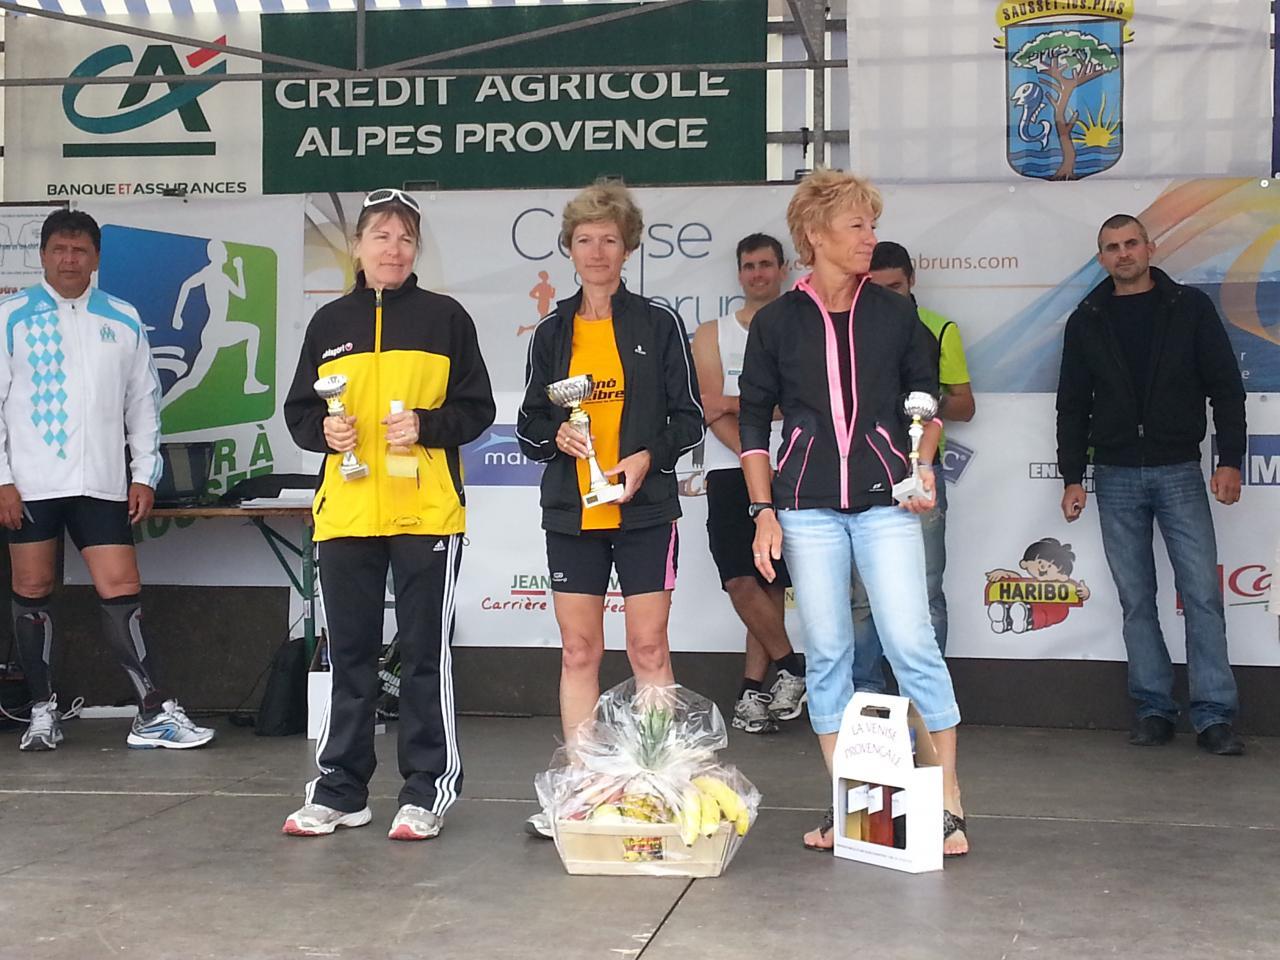 09062013 Course des embruns CL (5)